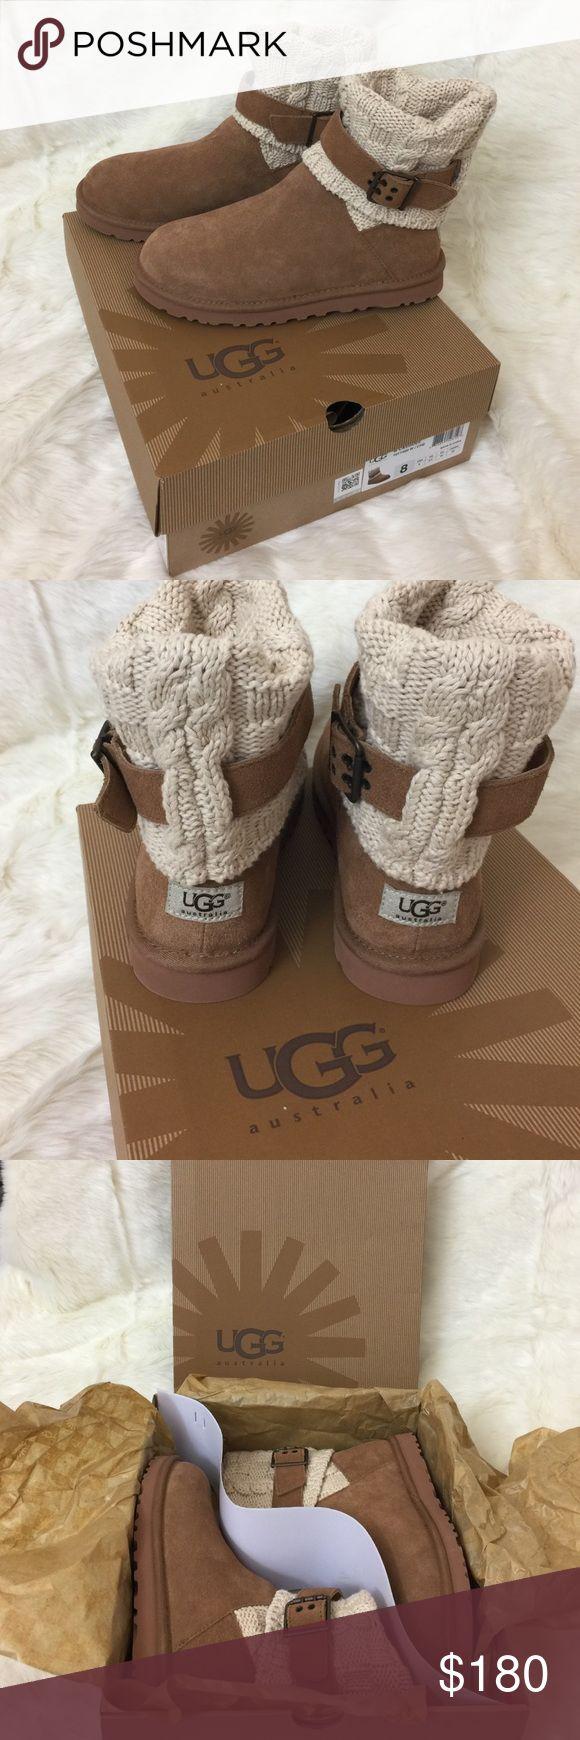 UGG bottes pour le bébé.